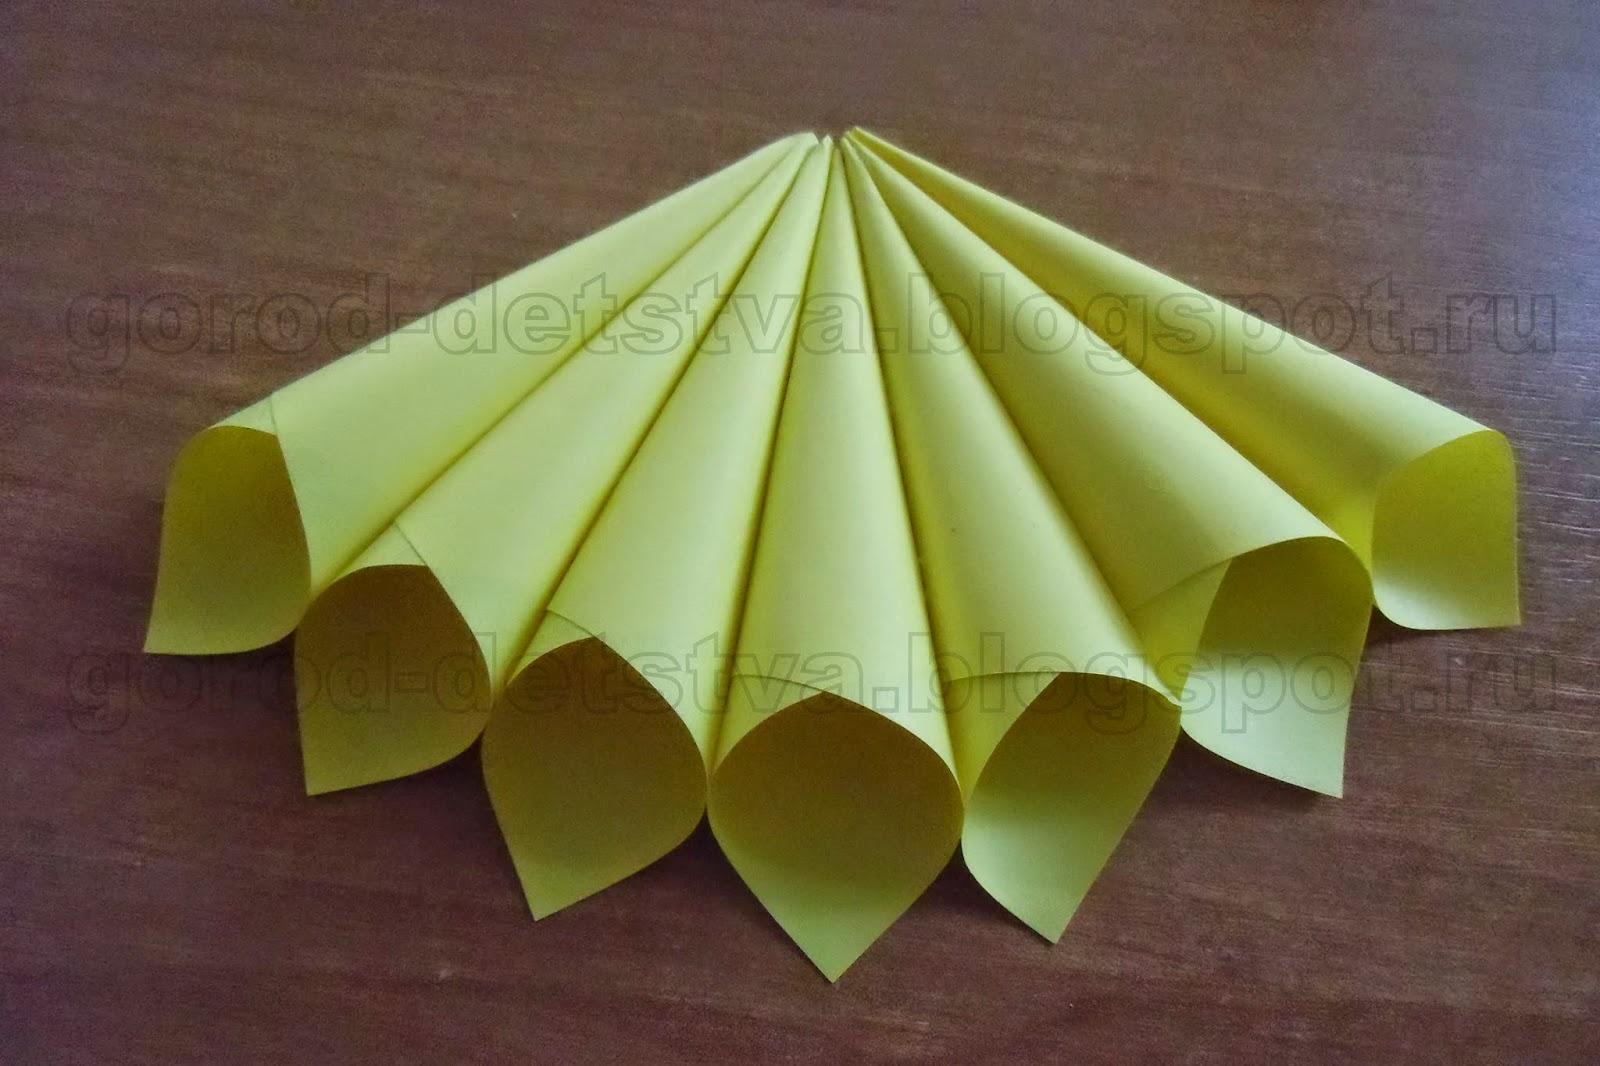 Как сделать кулёк из бумаги для крема